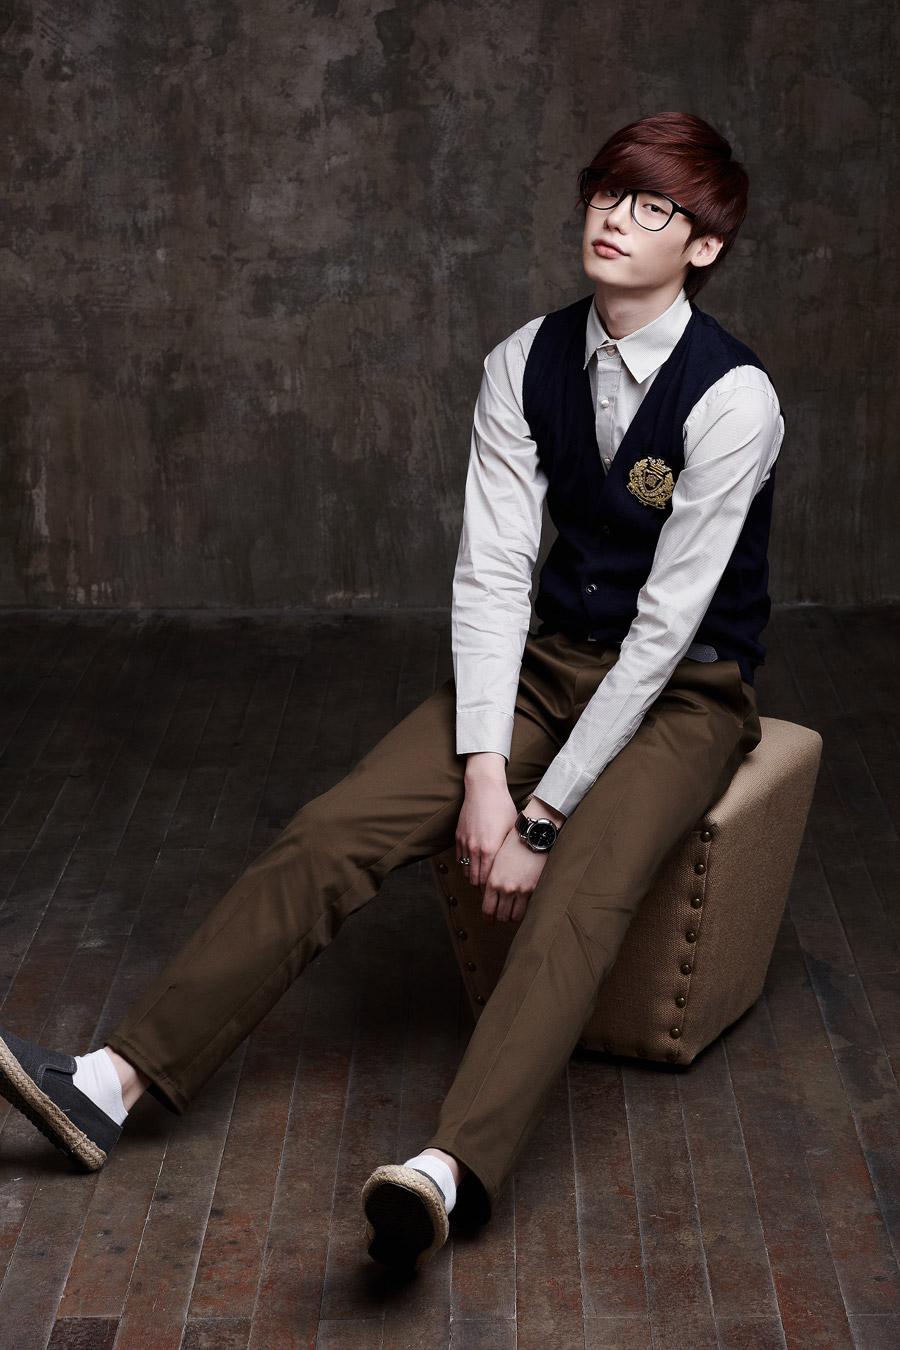 Doctor Iphone Wallpaper Korean Actor Lee Jong Suk Picture Gallery